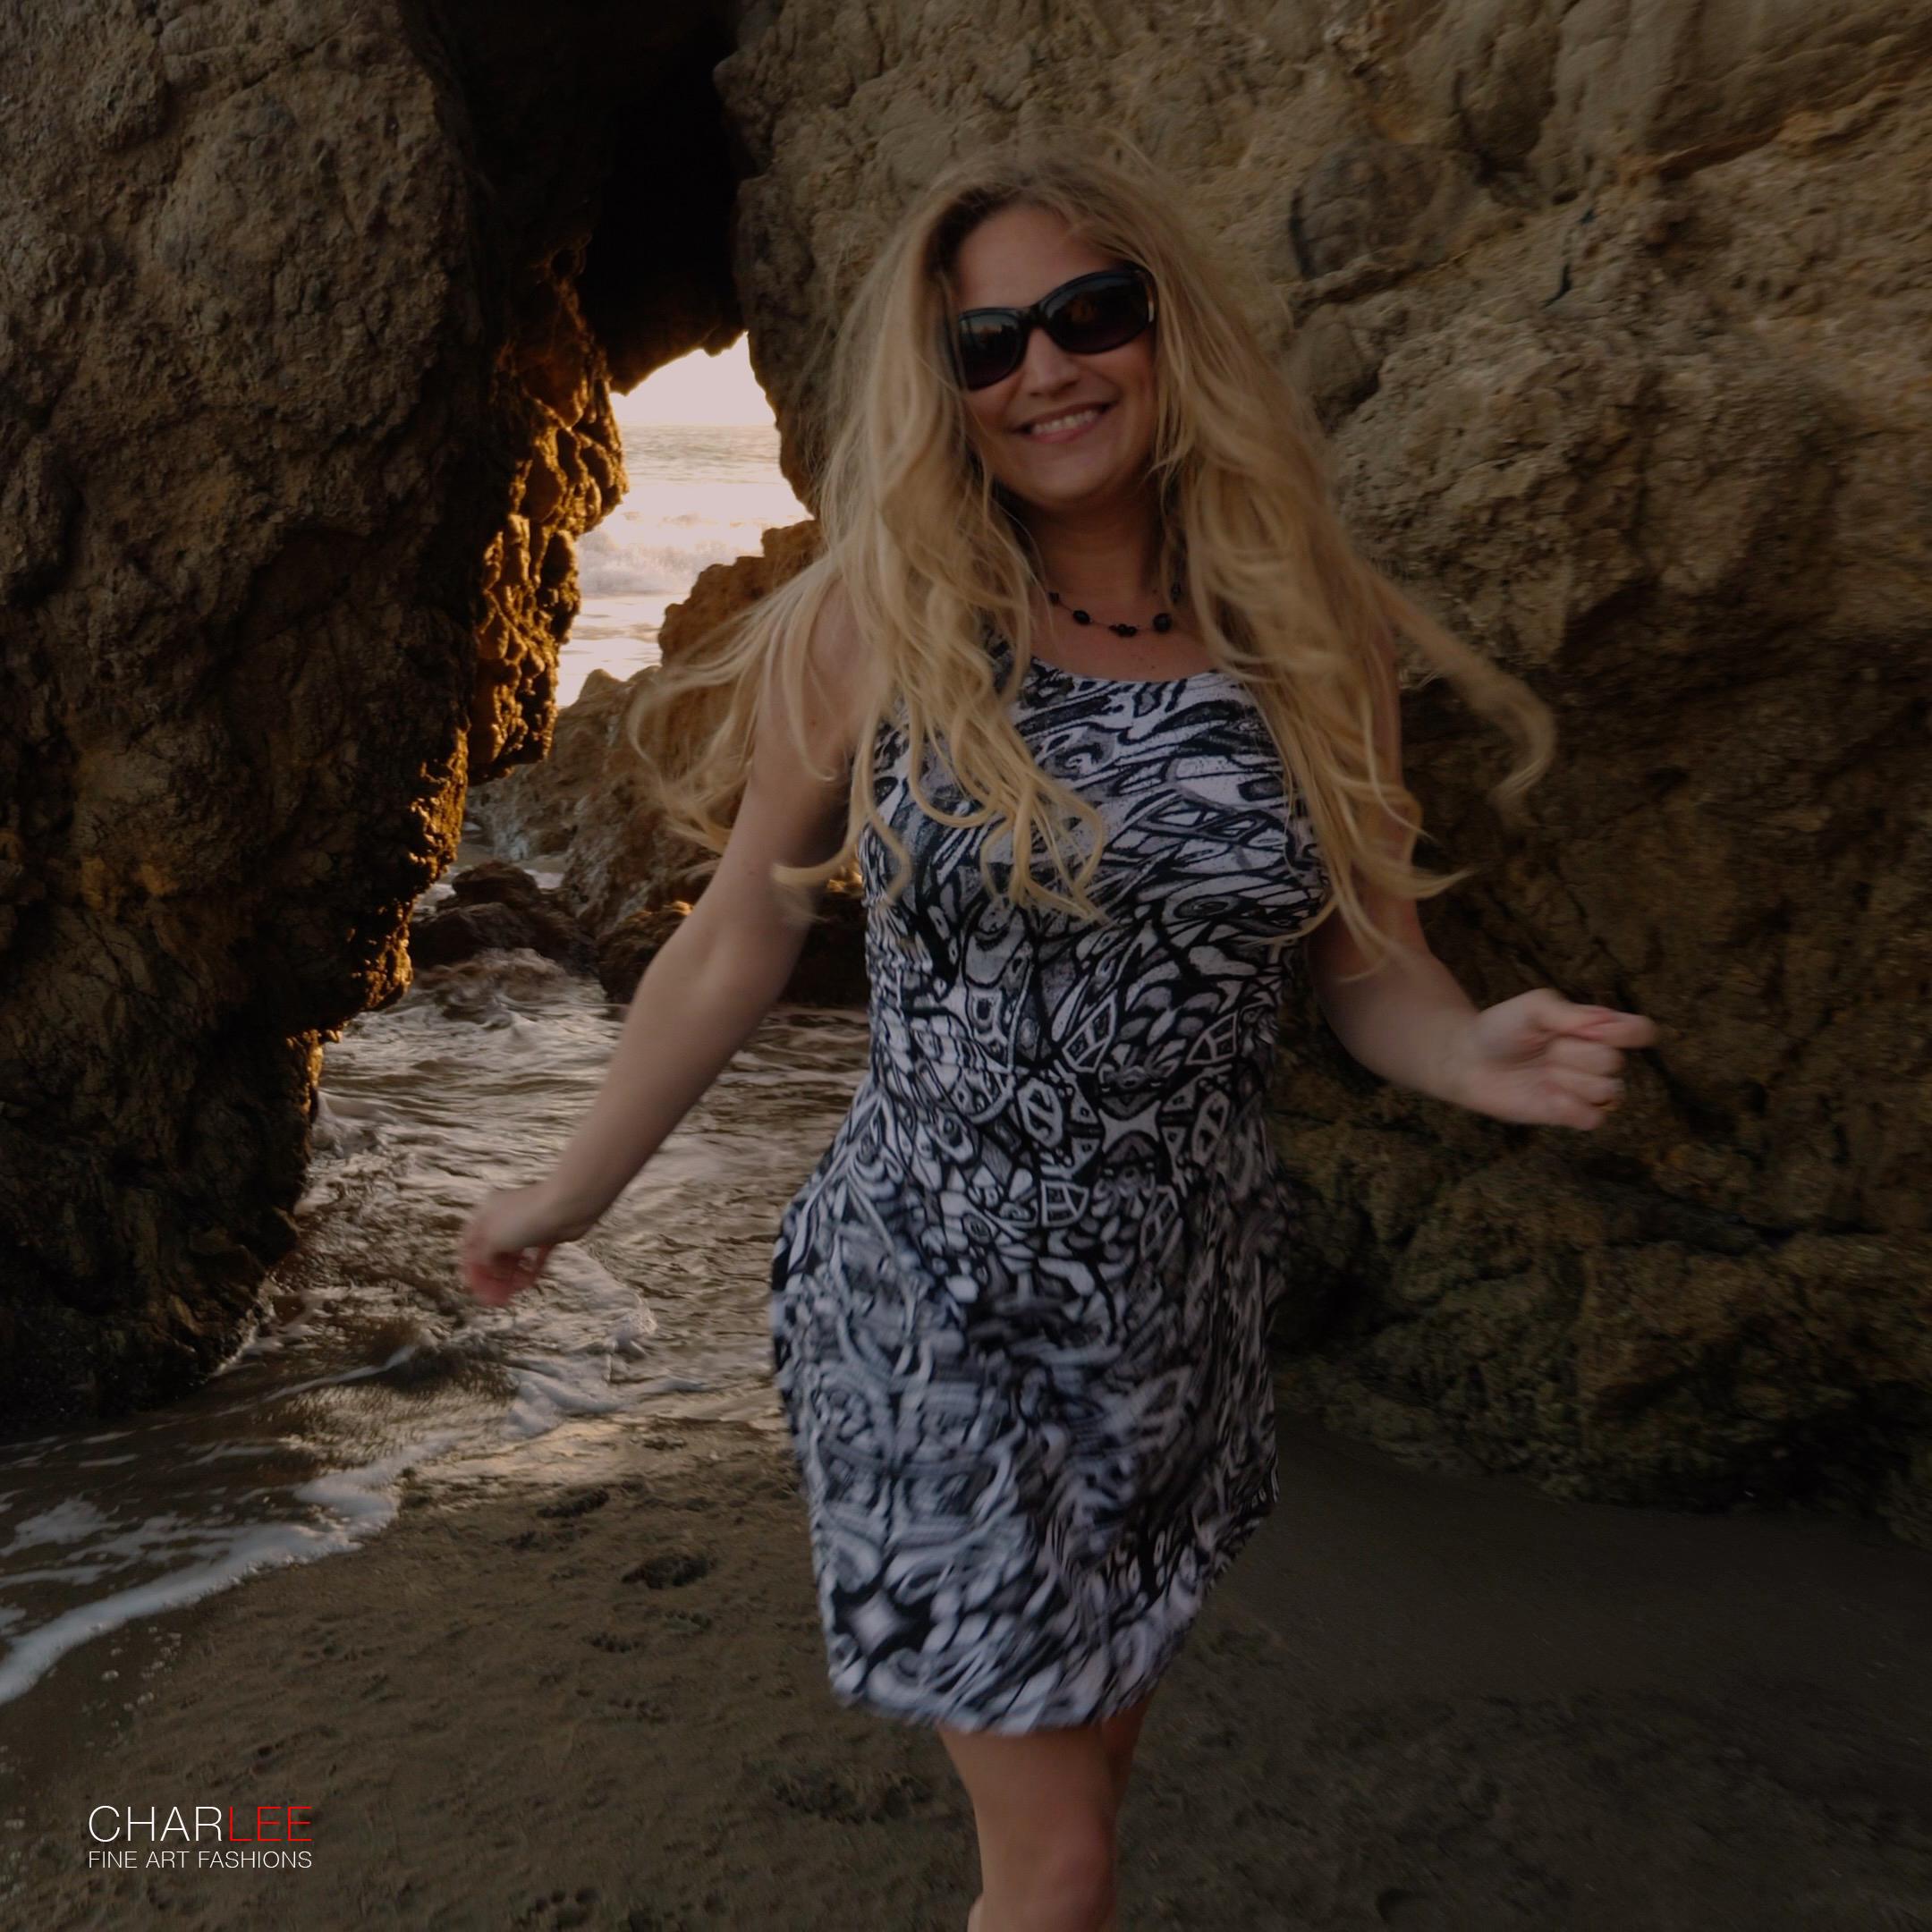 Charlee The Dream Flare Dress BW Malibu CA-017.jpg